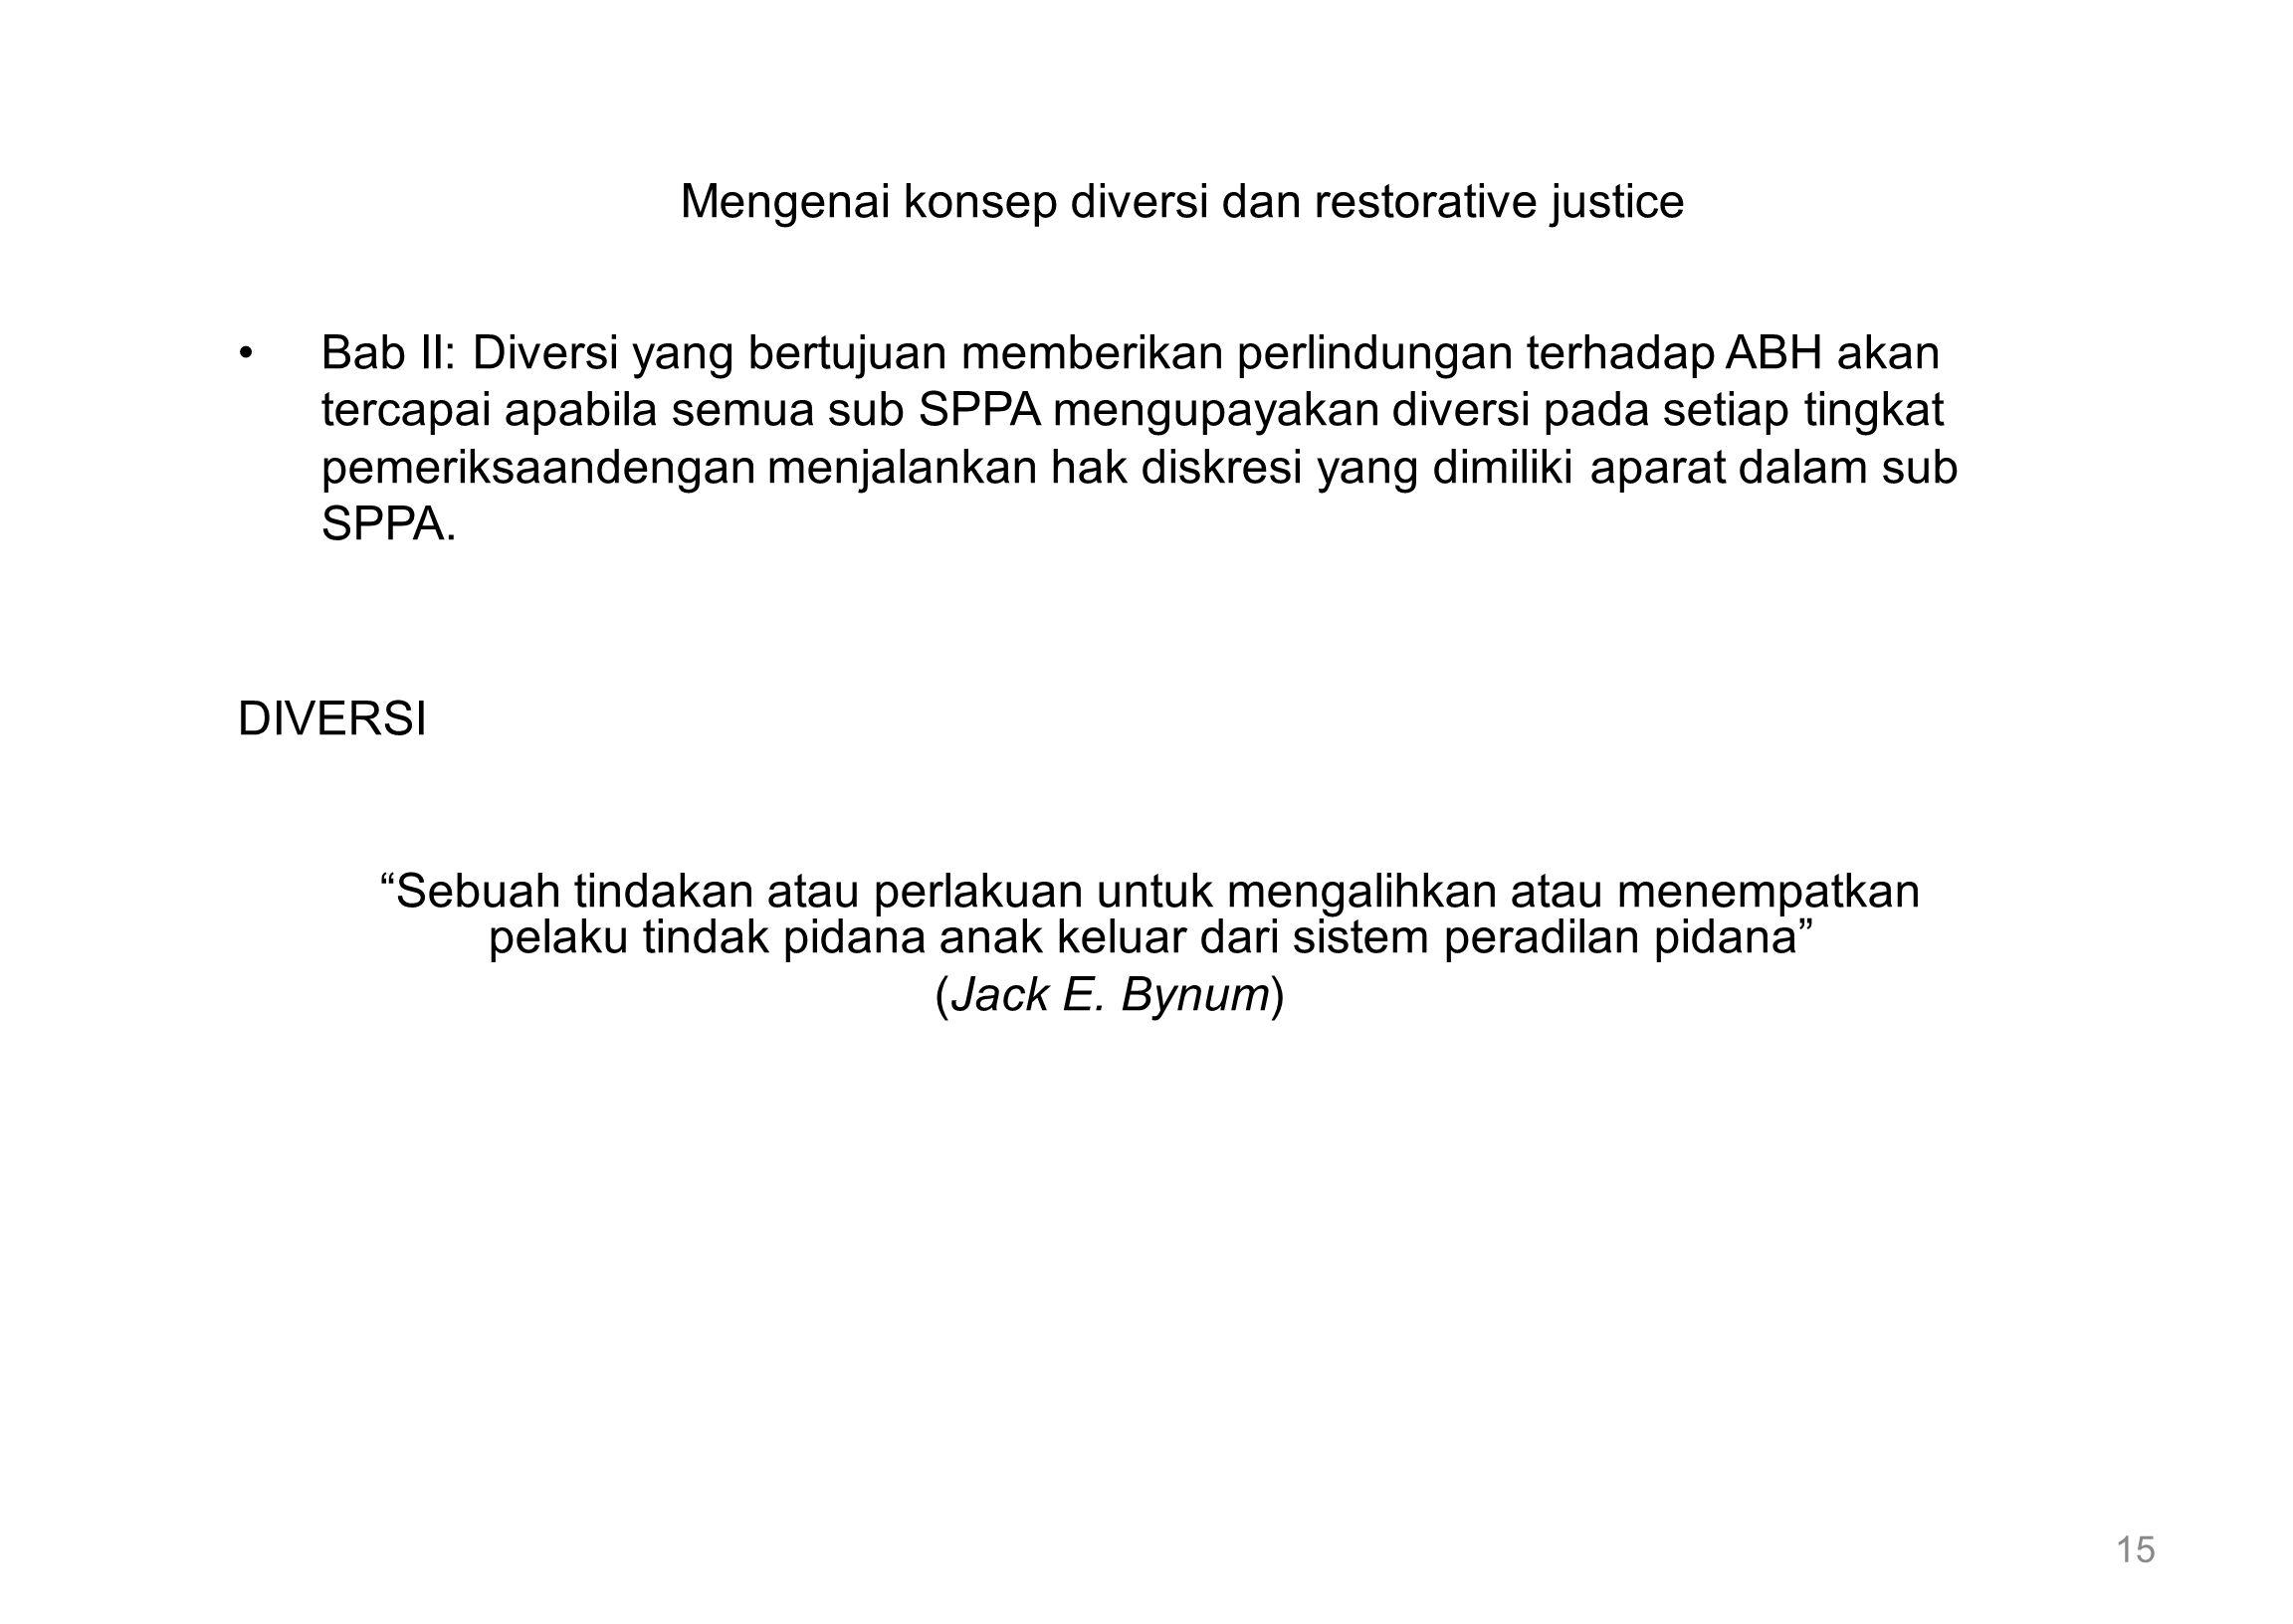 Mengenai konsep diversi dan restorative justice